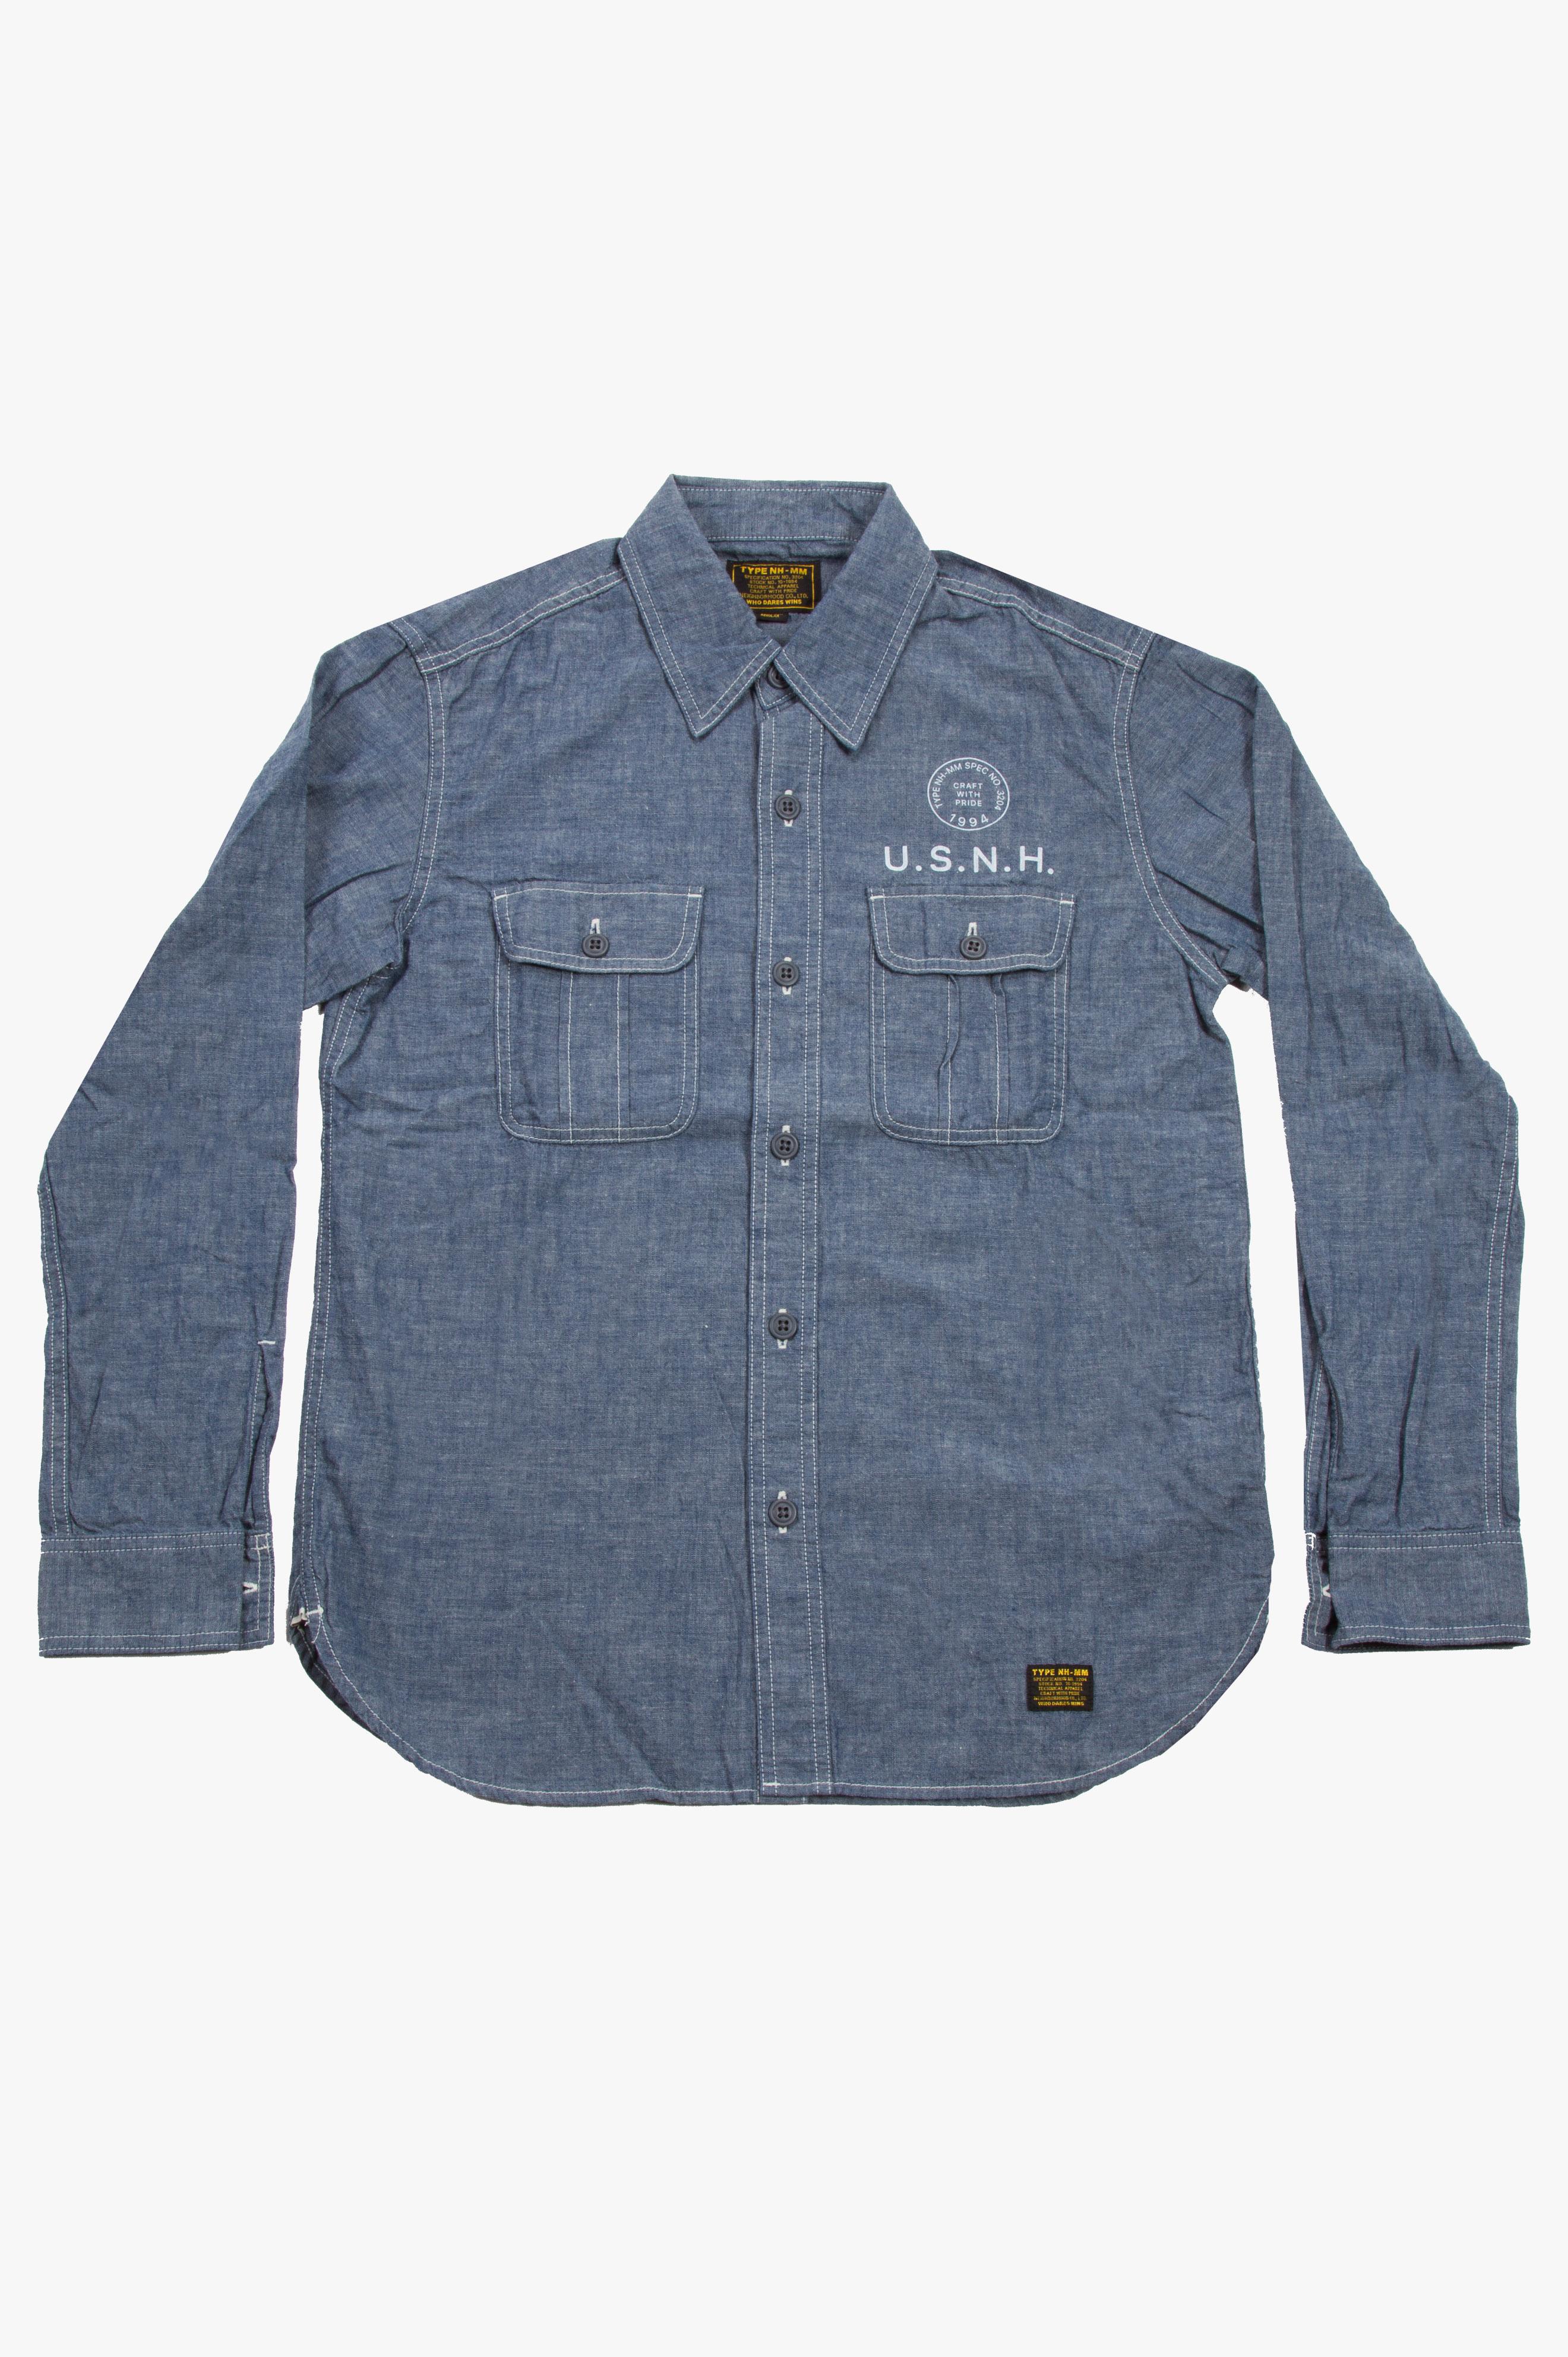 U.S.N.H. Shirt Indigo